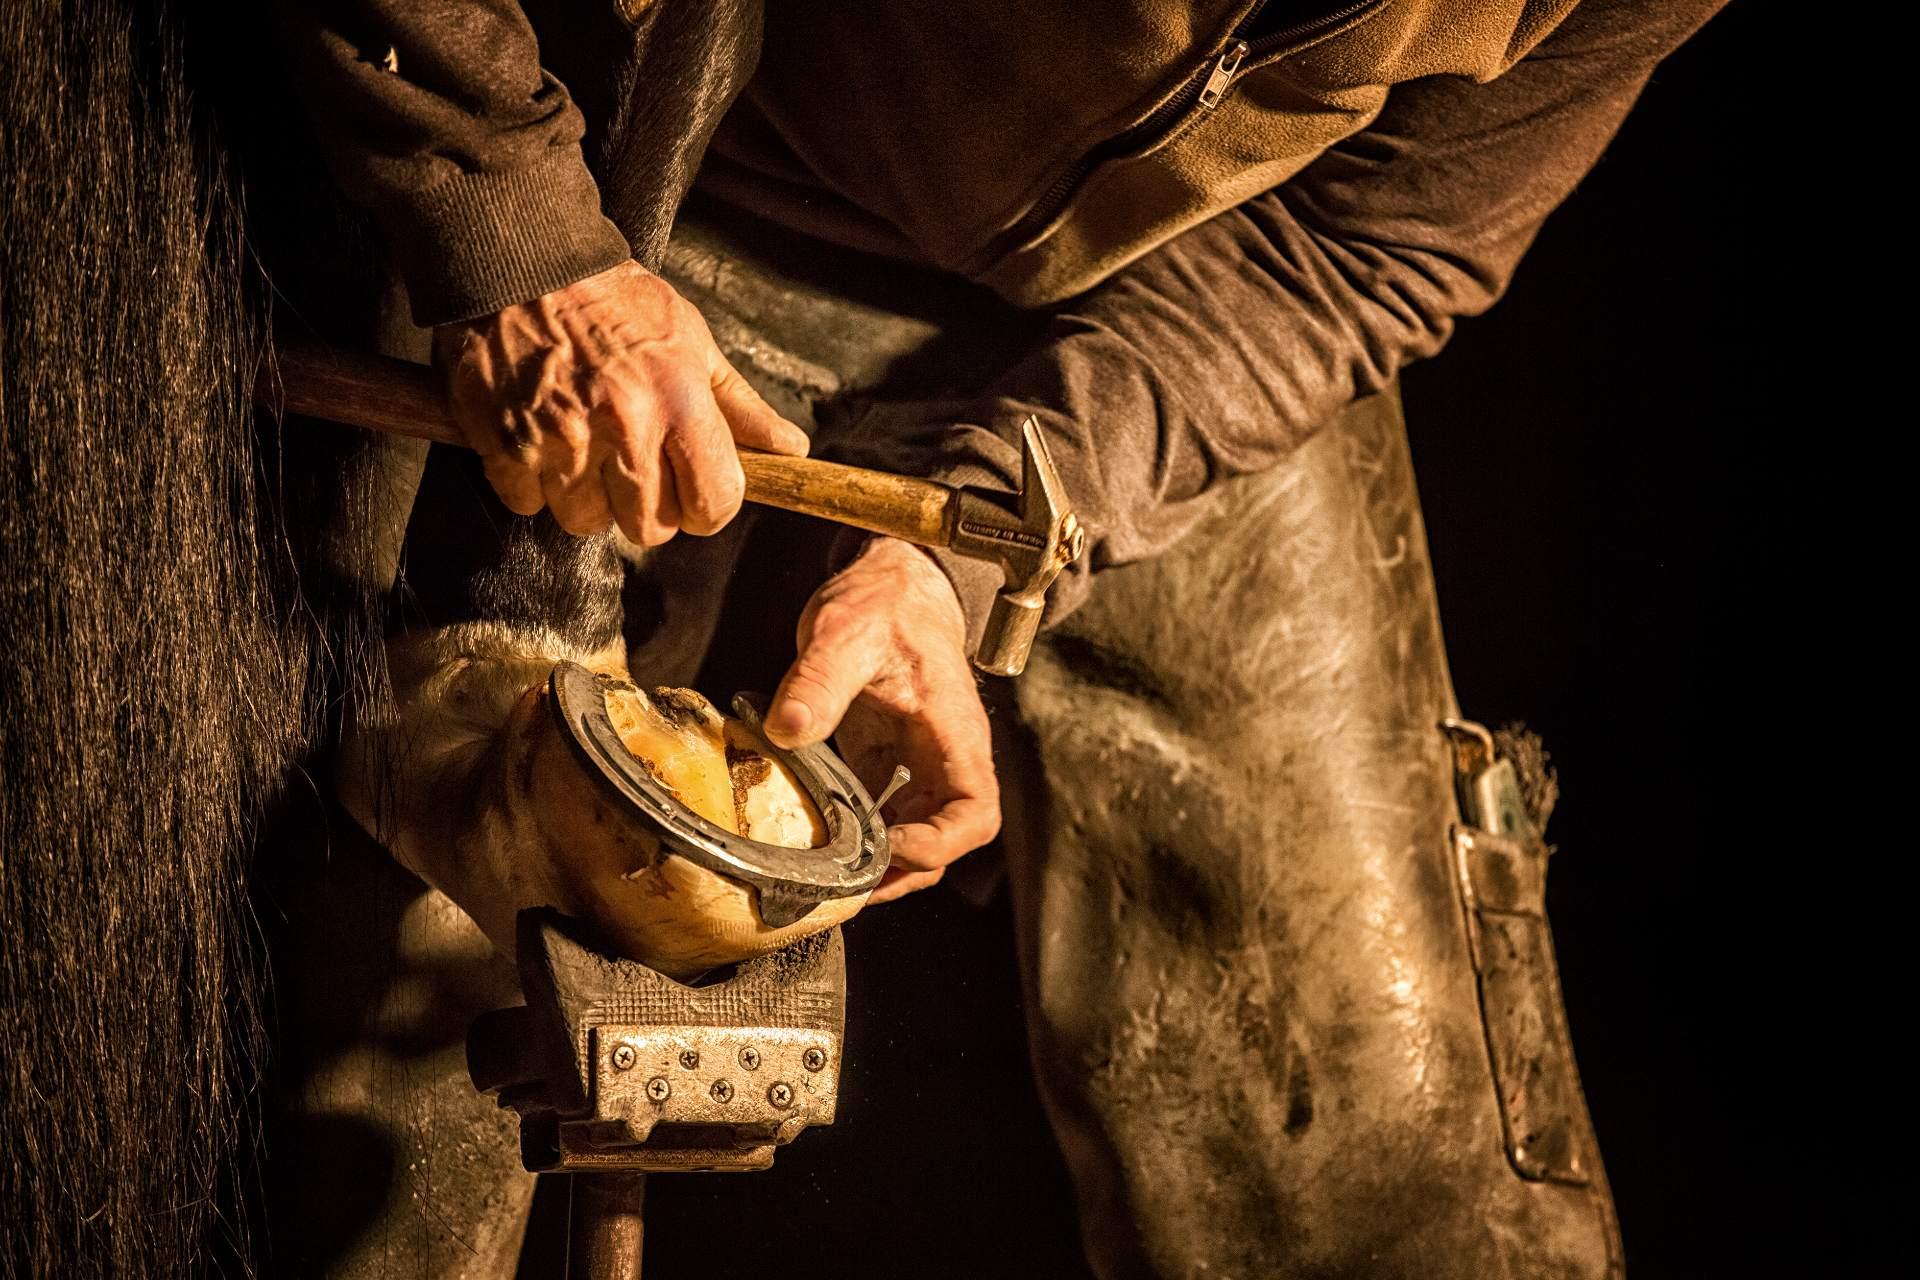 Smed lægger sko på hest